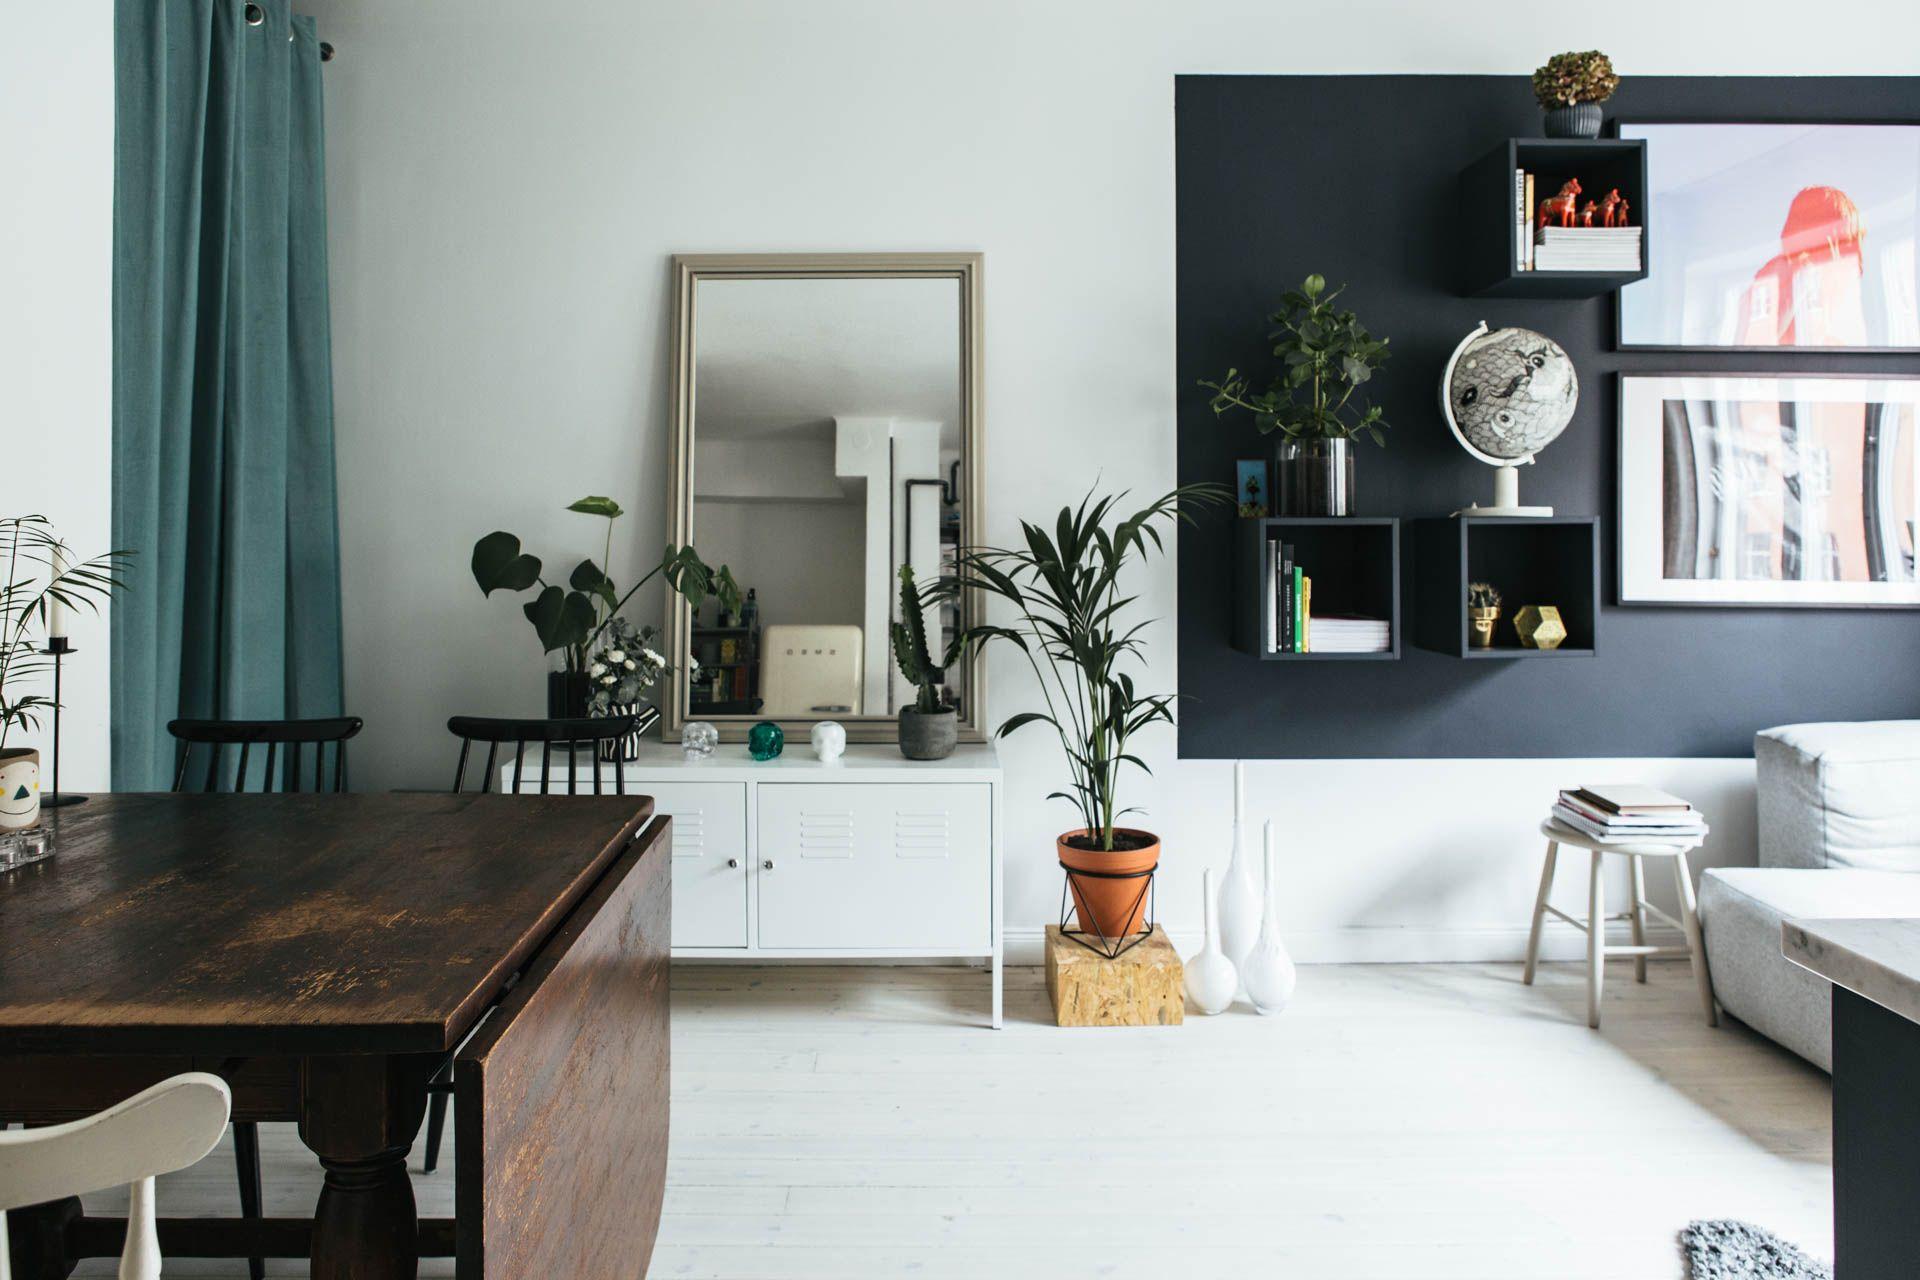 Kleiner Kühlschrank Kaufen : Mini kühlschrank wohnzimmer holz puppenhaus miniatur möbel